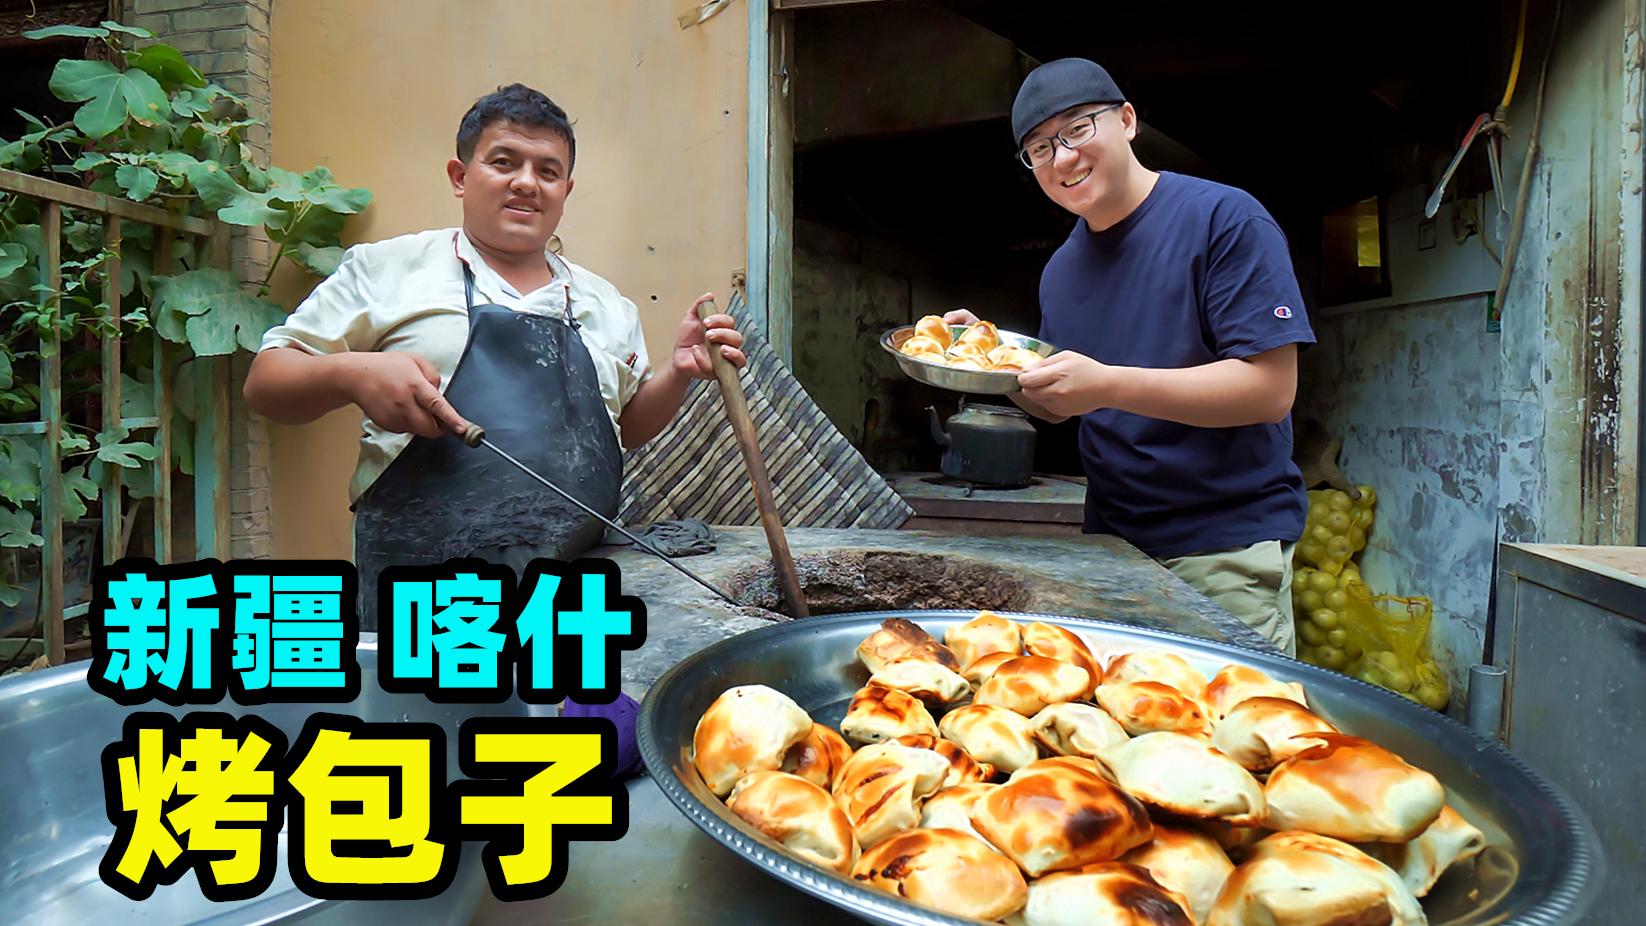 出租司机热情推荐,新疆喀什烤包子,碳火馕坑现烤,2块5肉多皮酥